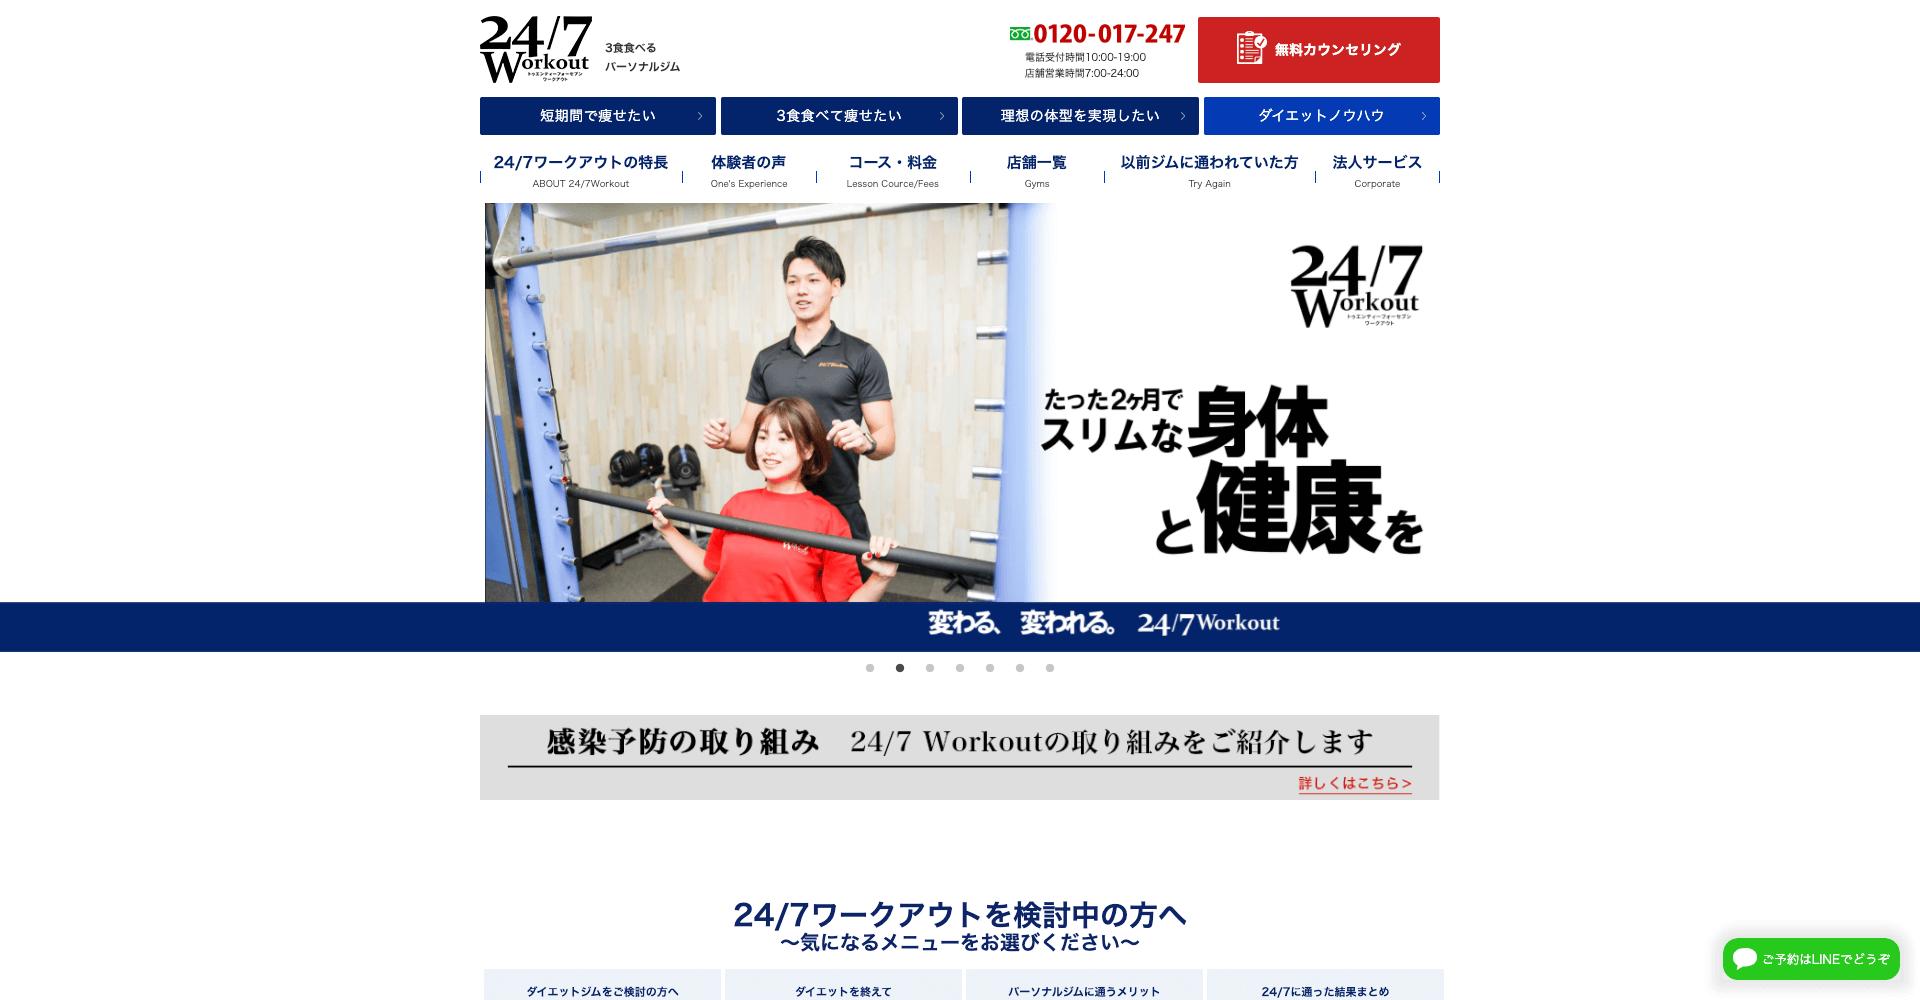 24/7ワークアウト【錦糸町四ツ目通店】